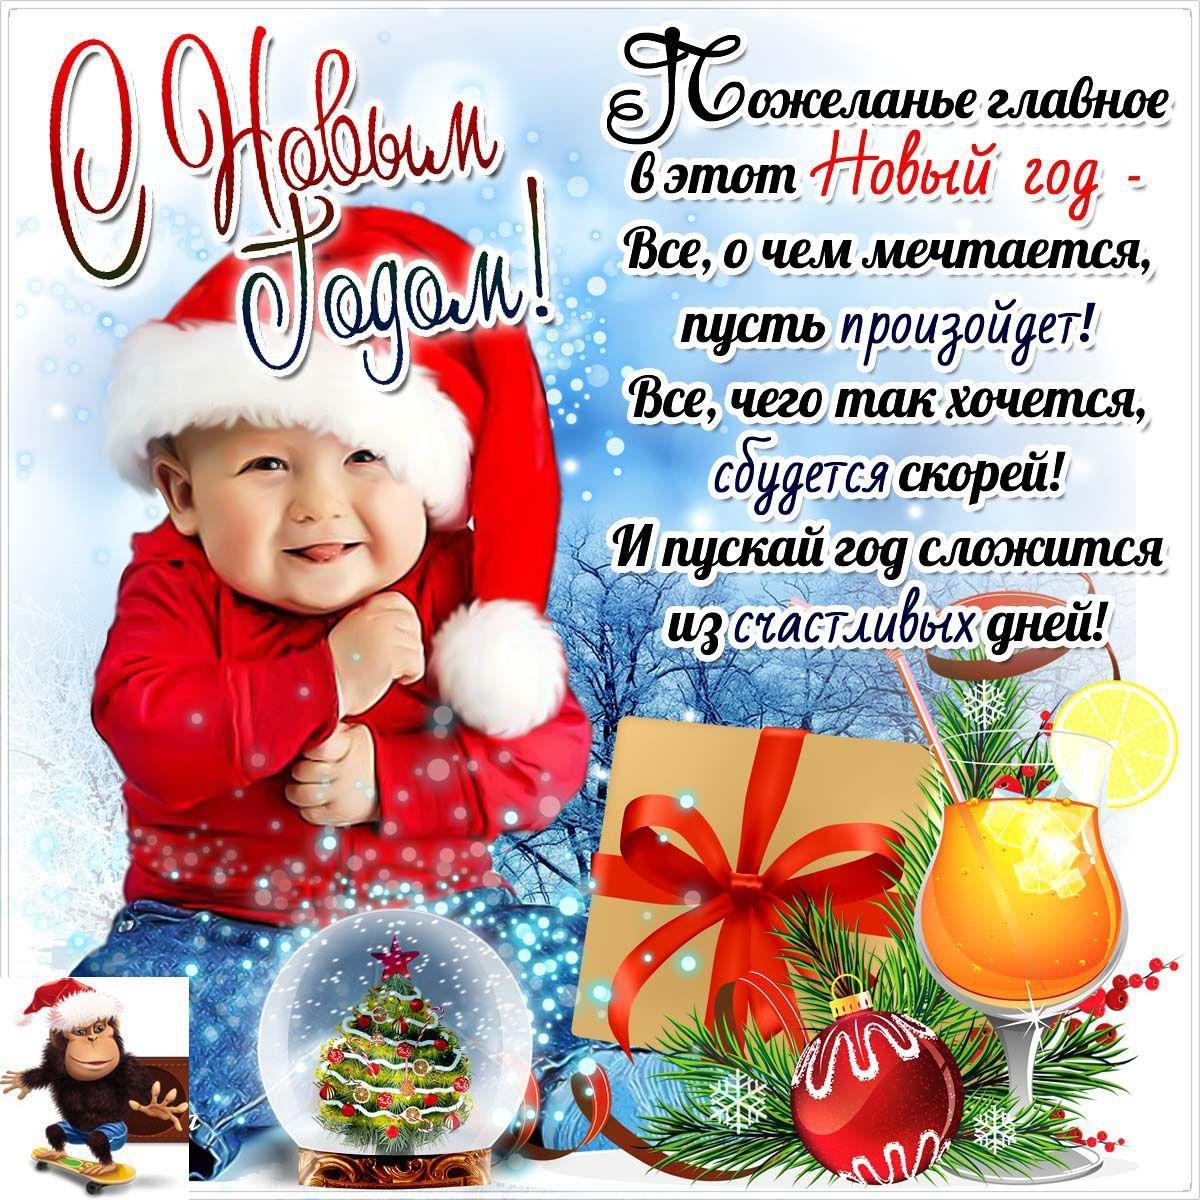 Поздравление с новым годом самому дорогому